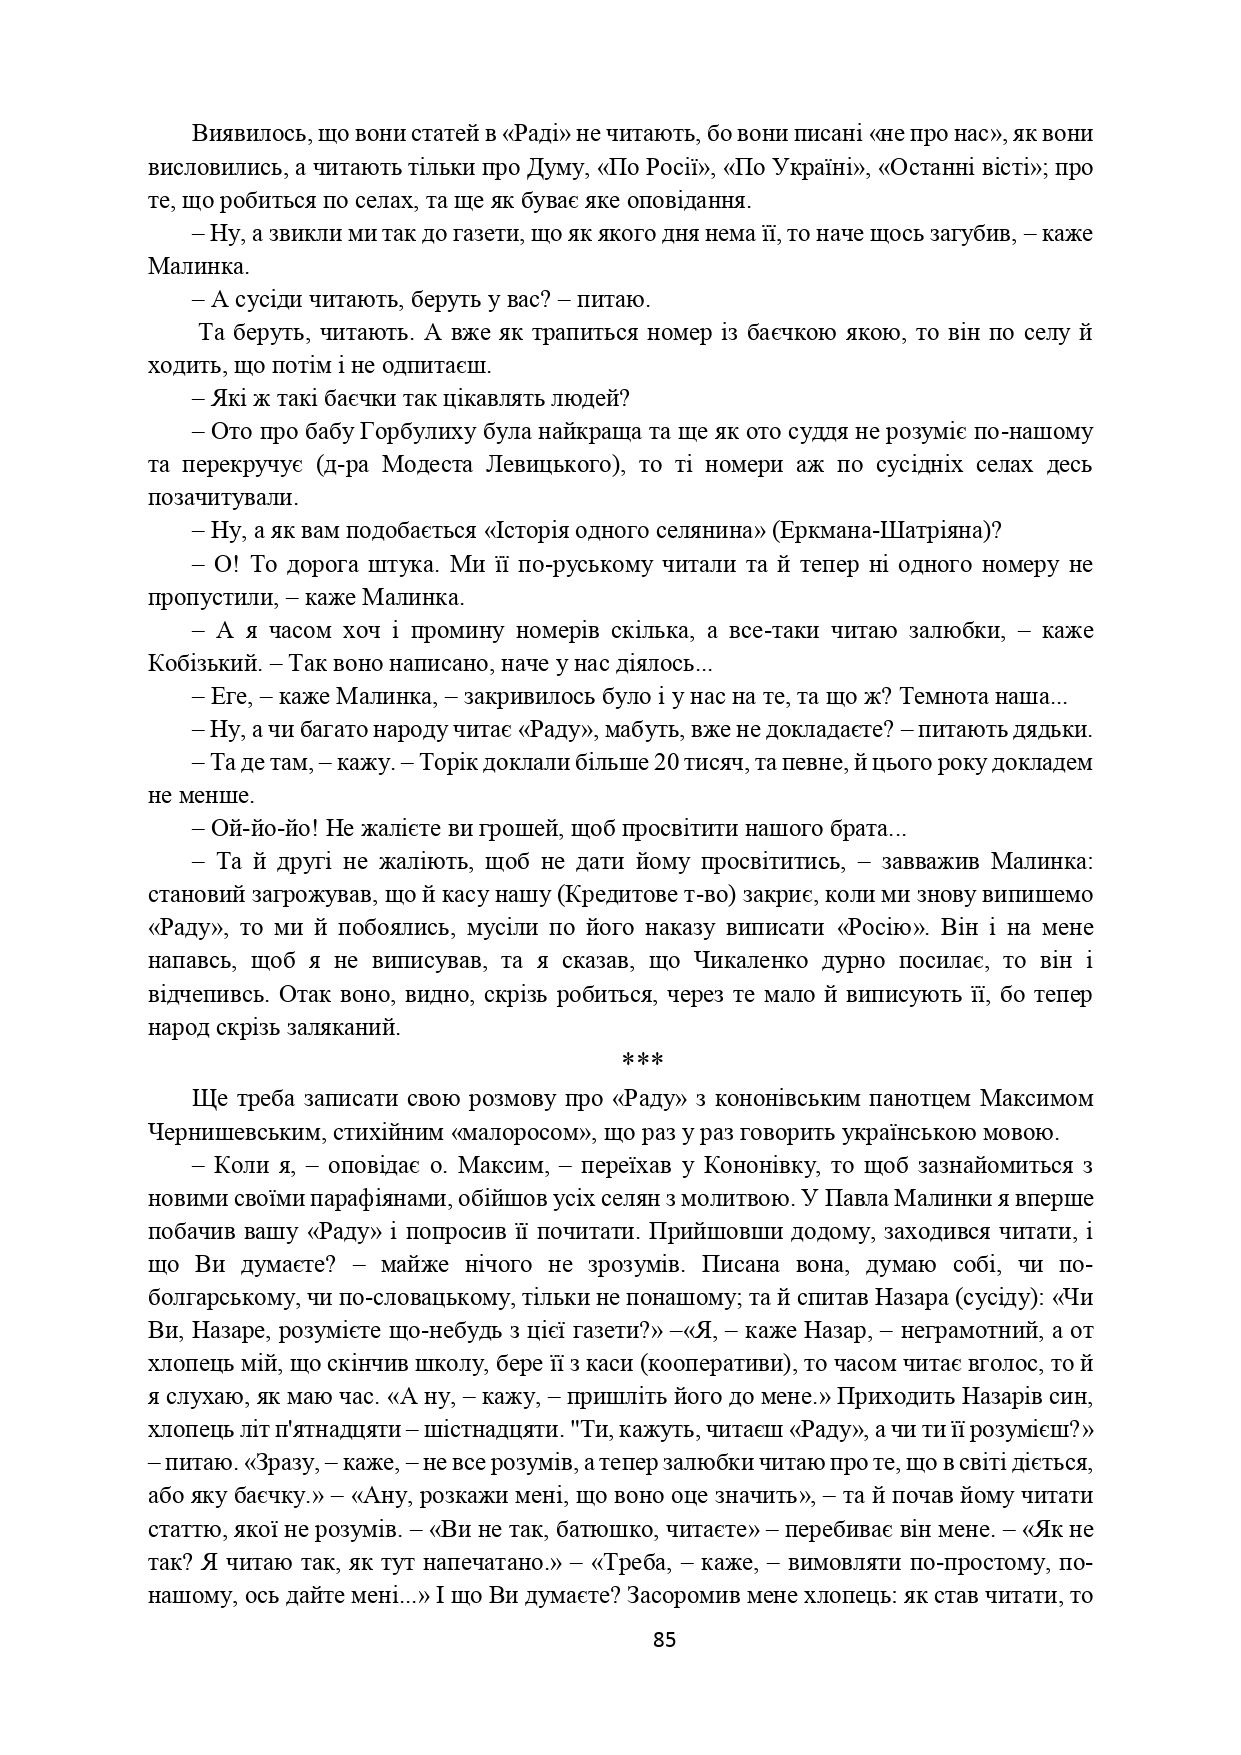 ІСТОРІЯ СЕЛА КОНОНІВКА 2021 (1)_page-0085